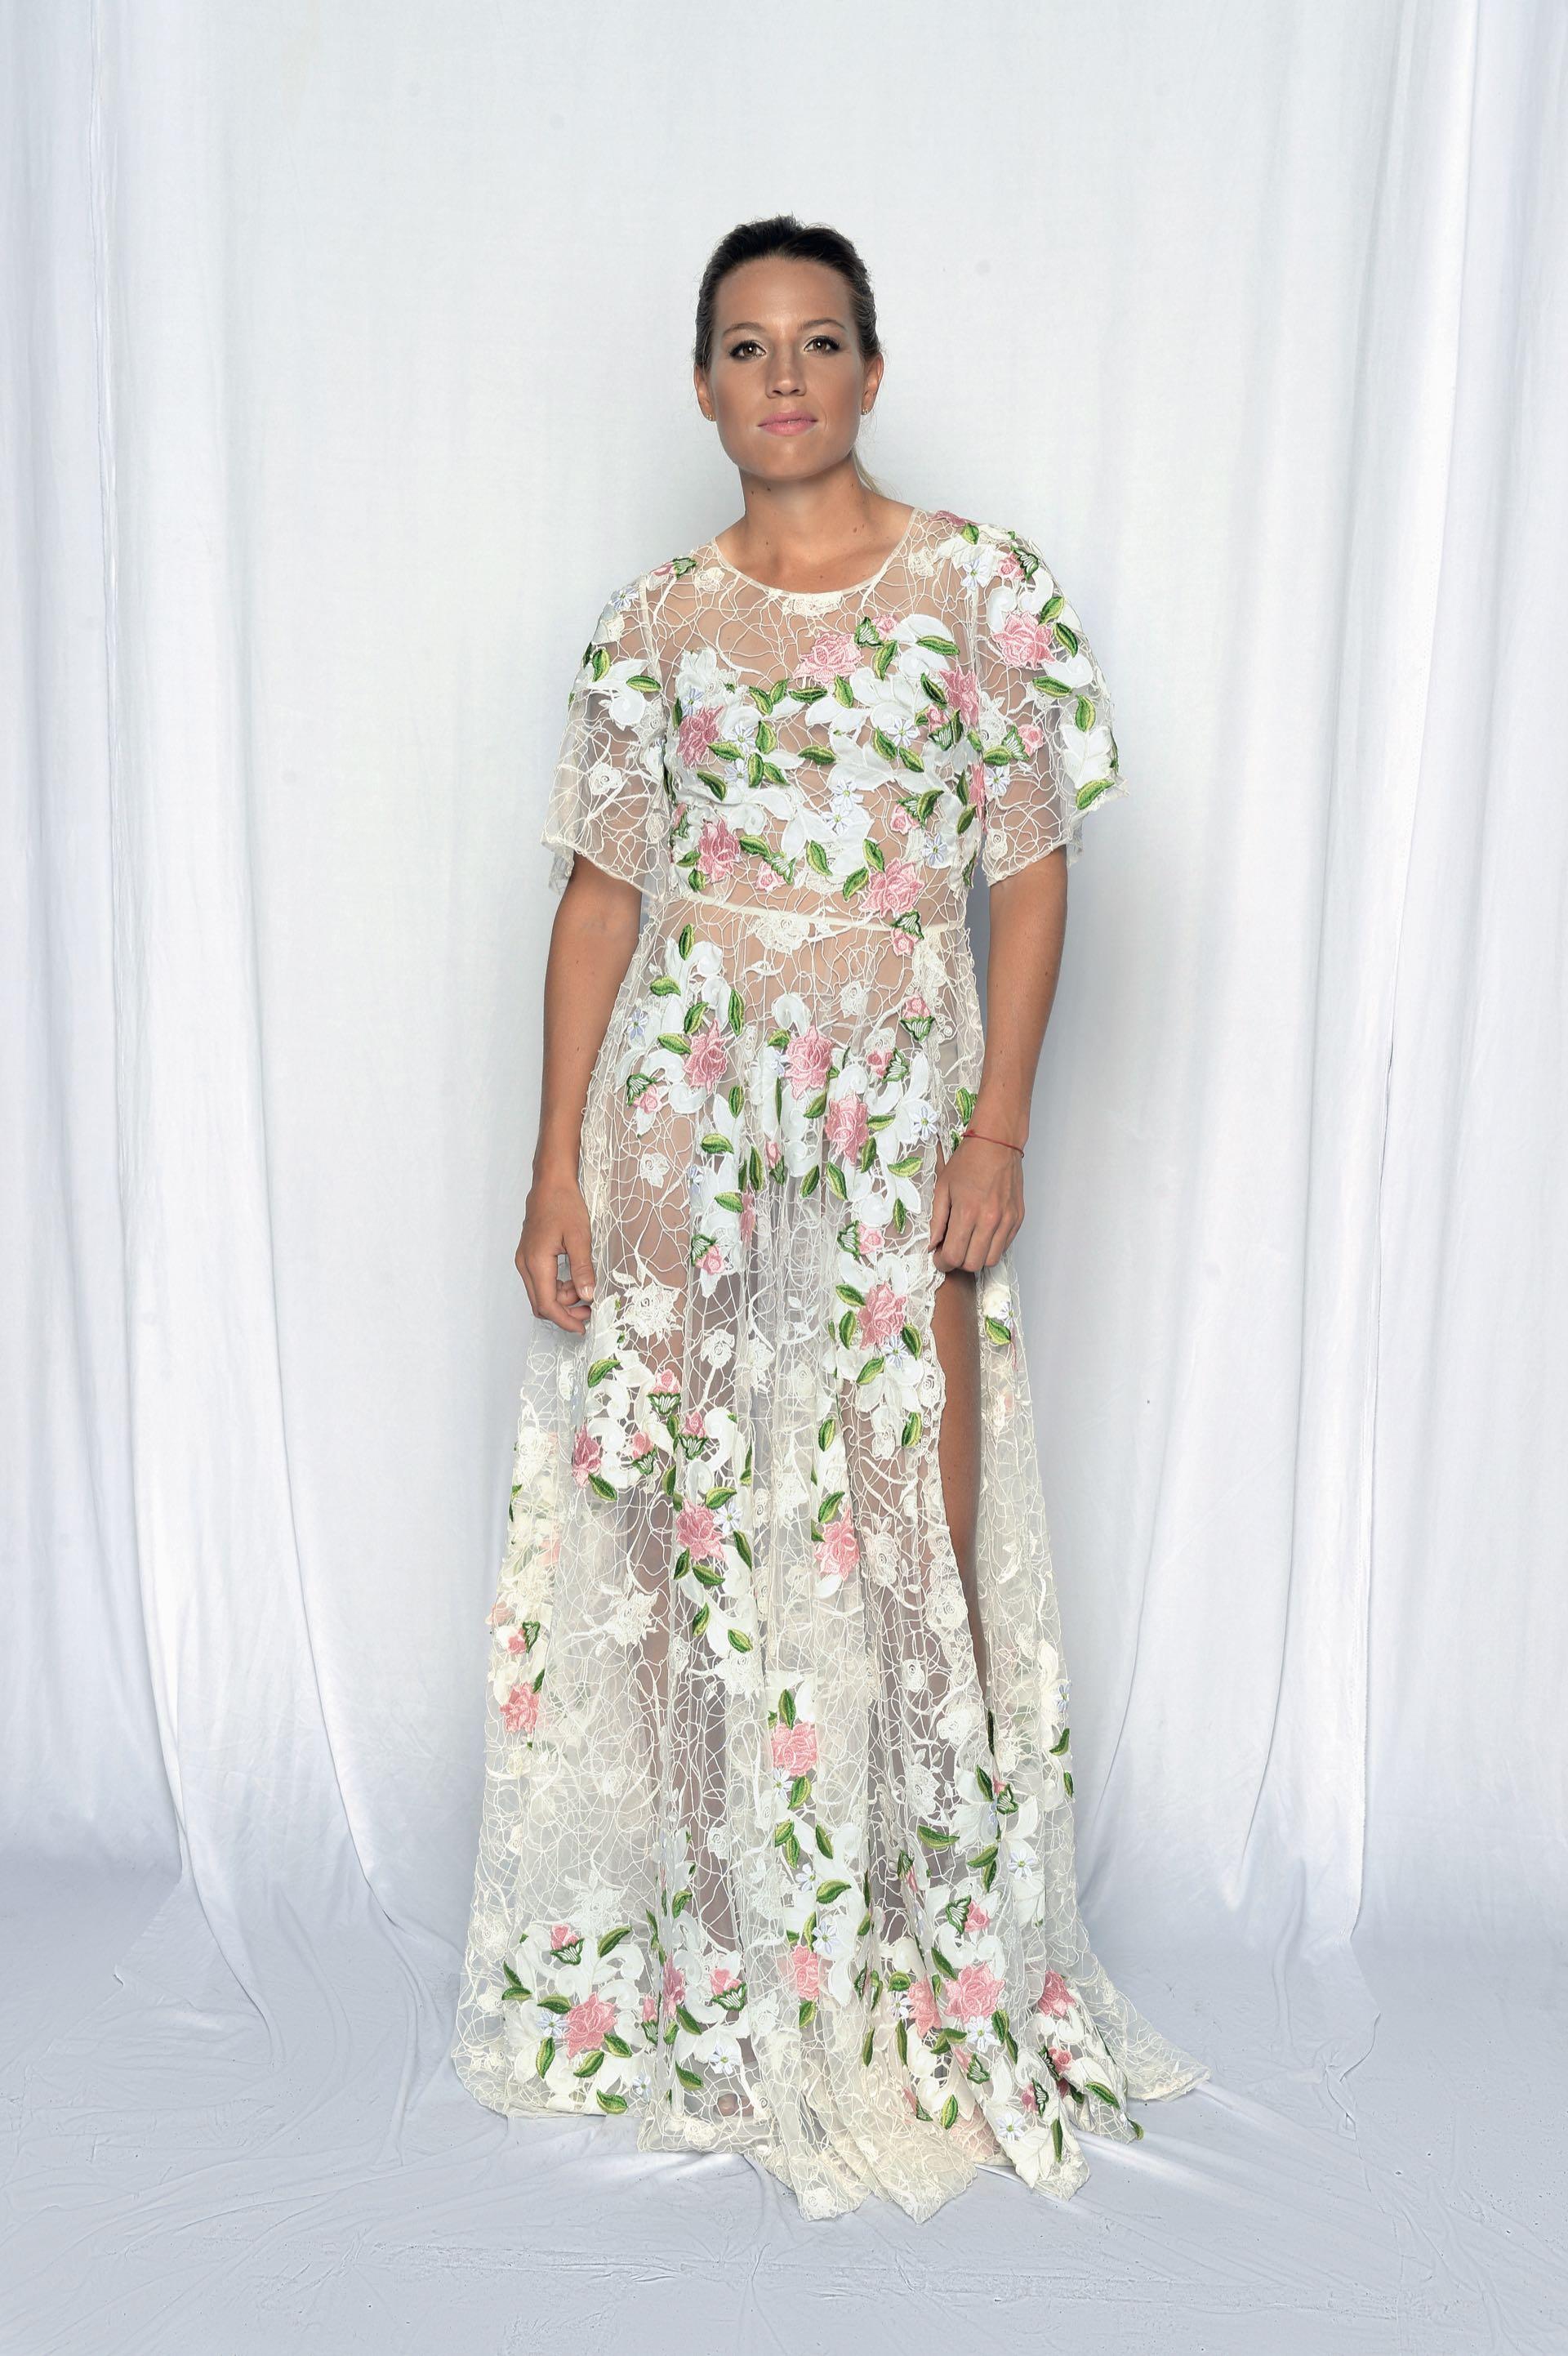 Delfina Merino, total look by Antonia Italian Couture. Foto: Diego García/GENTE